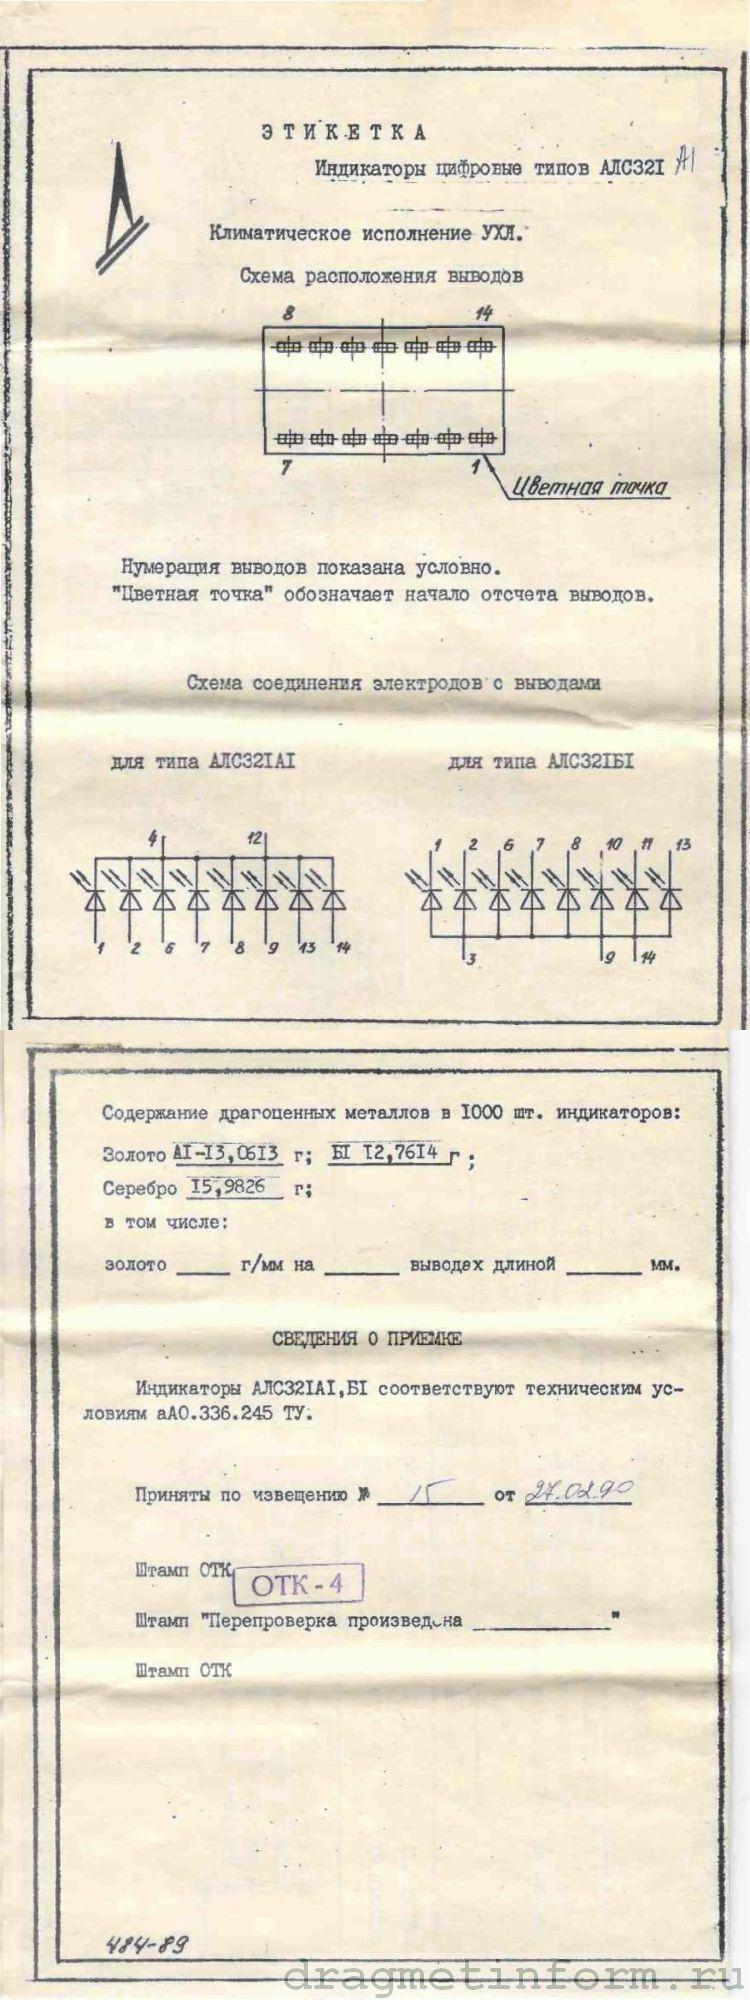 Формуляр АЛС321А-1